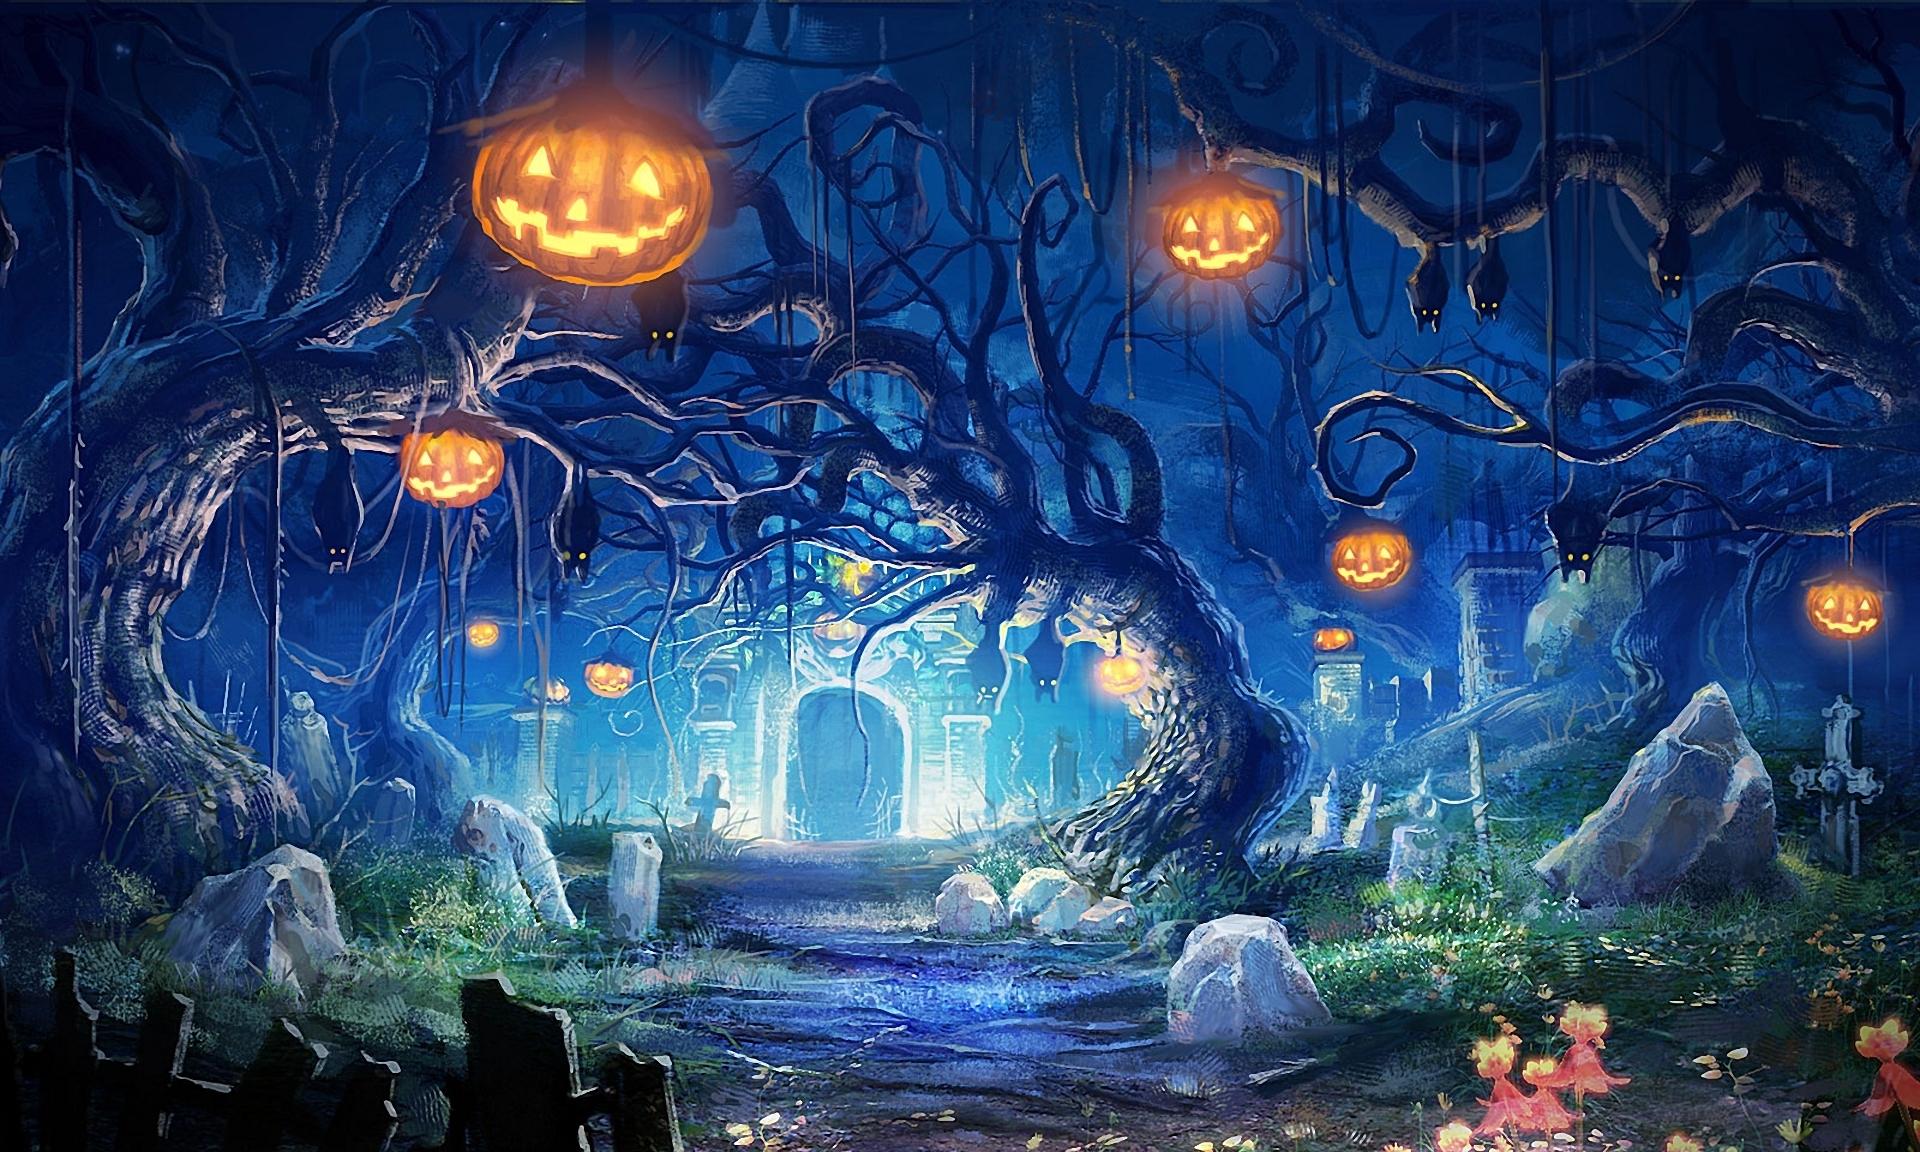 Download halloween Desktop Wallpaper [1920x1152] 50 Cool 1920x1152